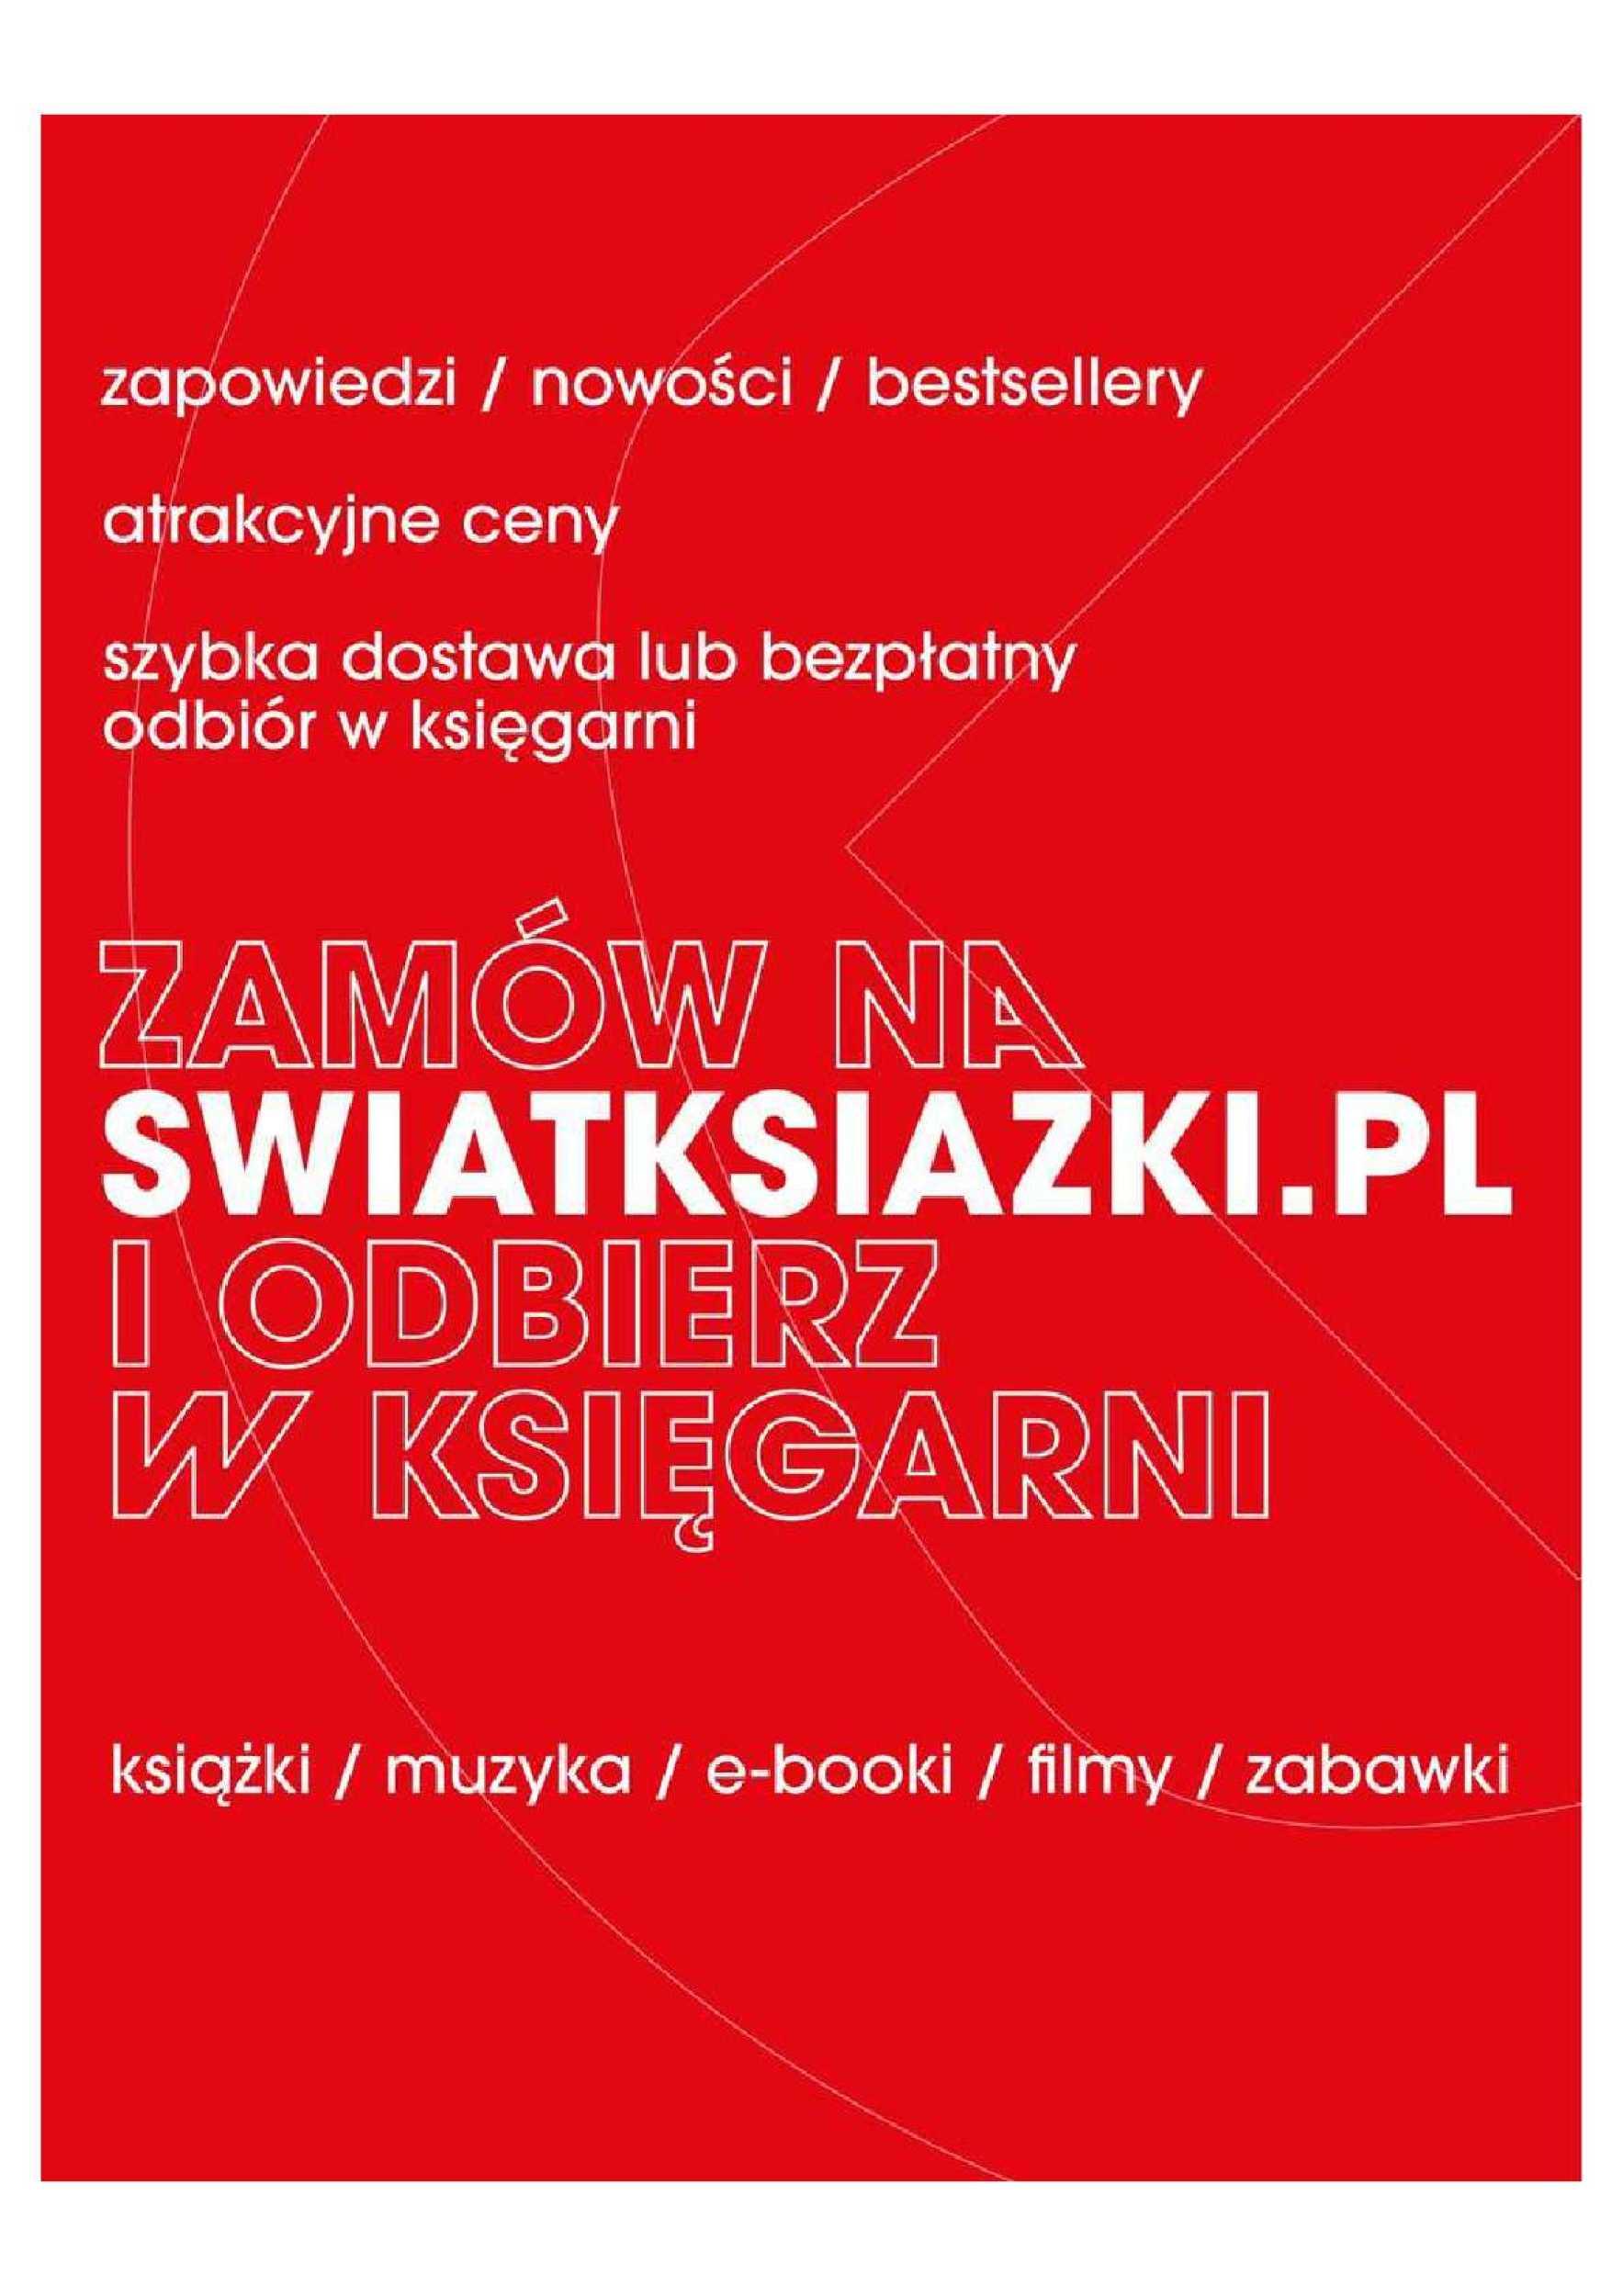 Nowy katalog / strona 43 z 44